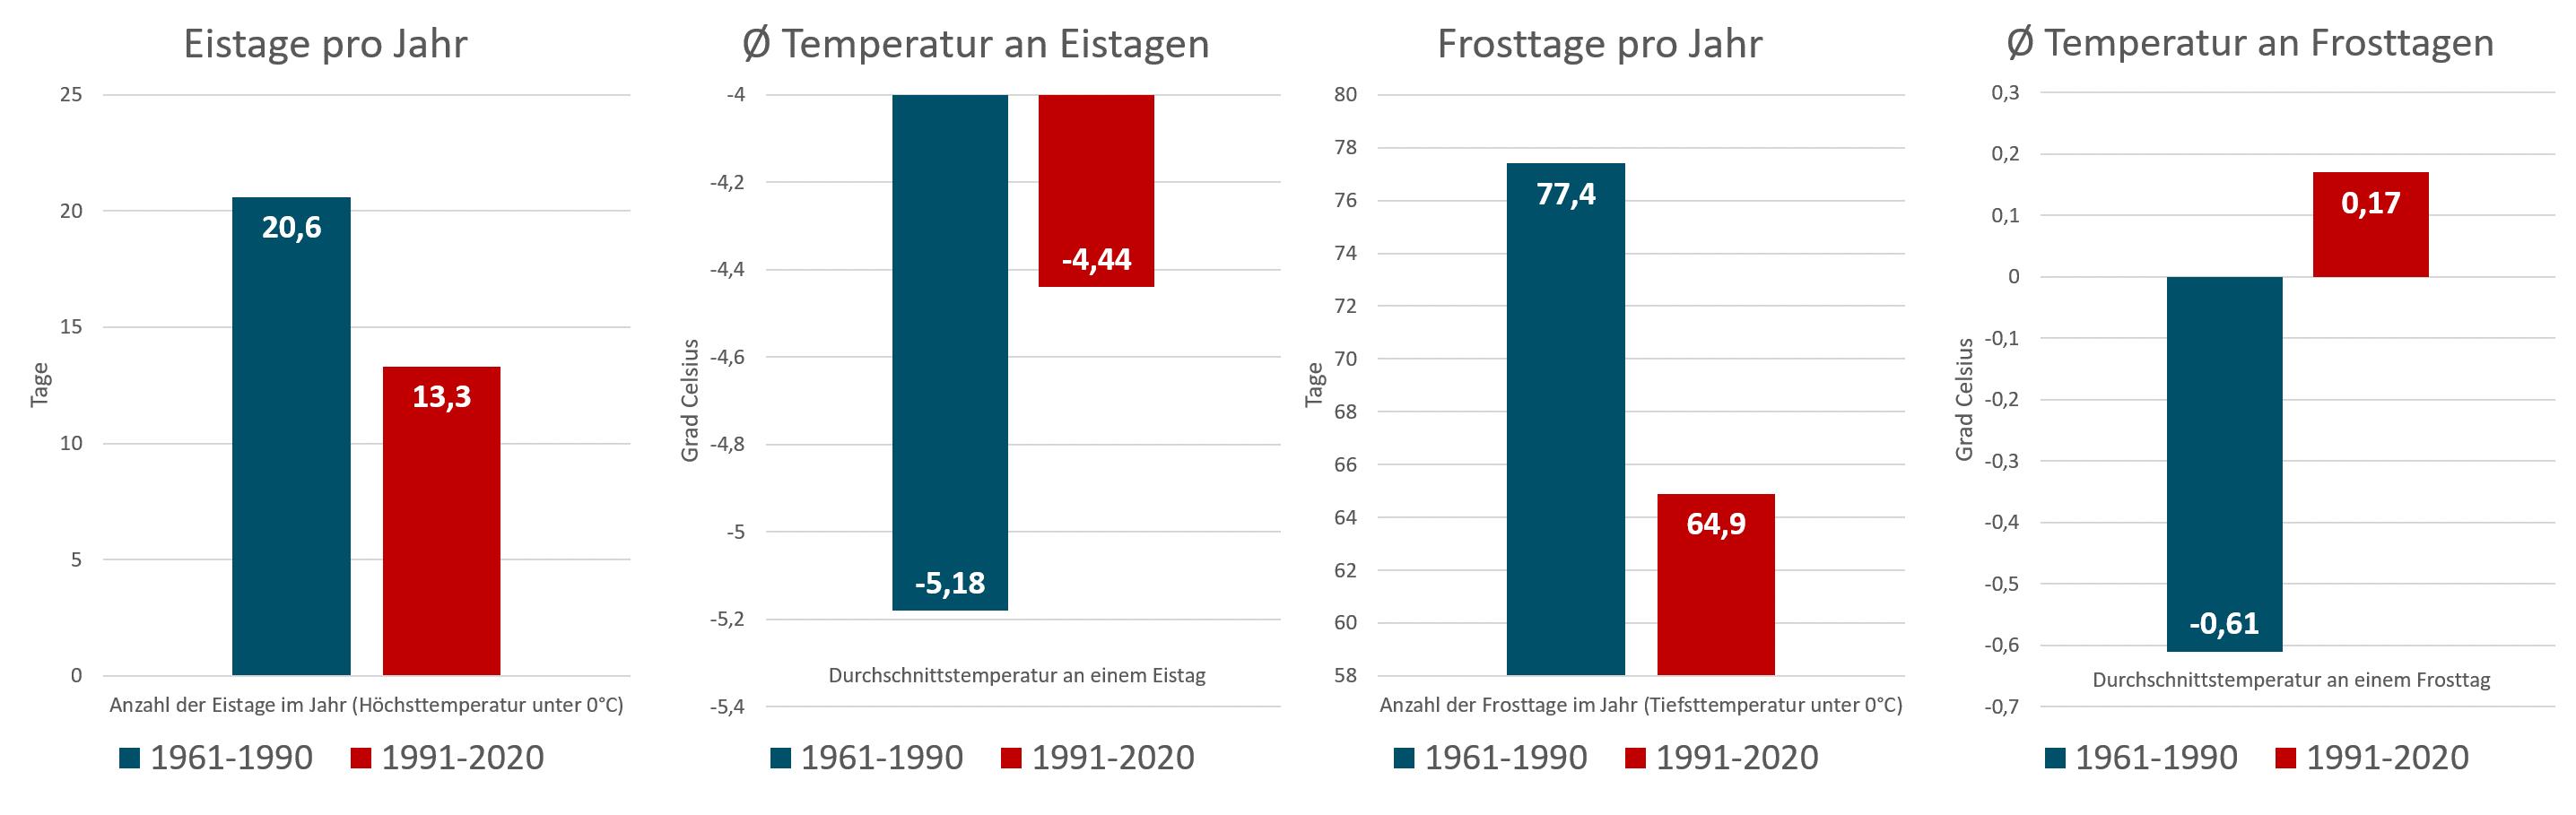 Eistage-und-Frosttage-Vergleich-Dauerfrost